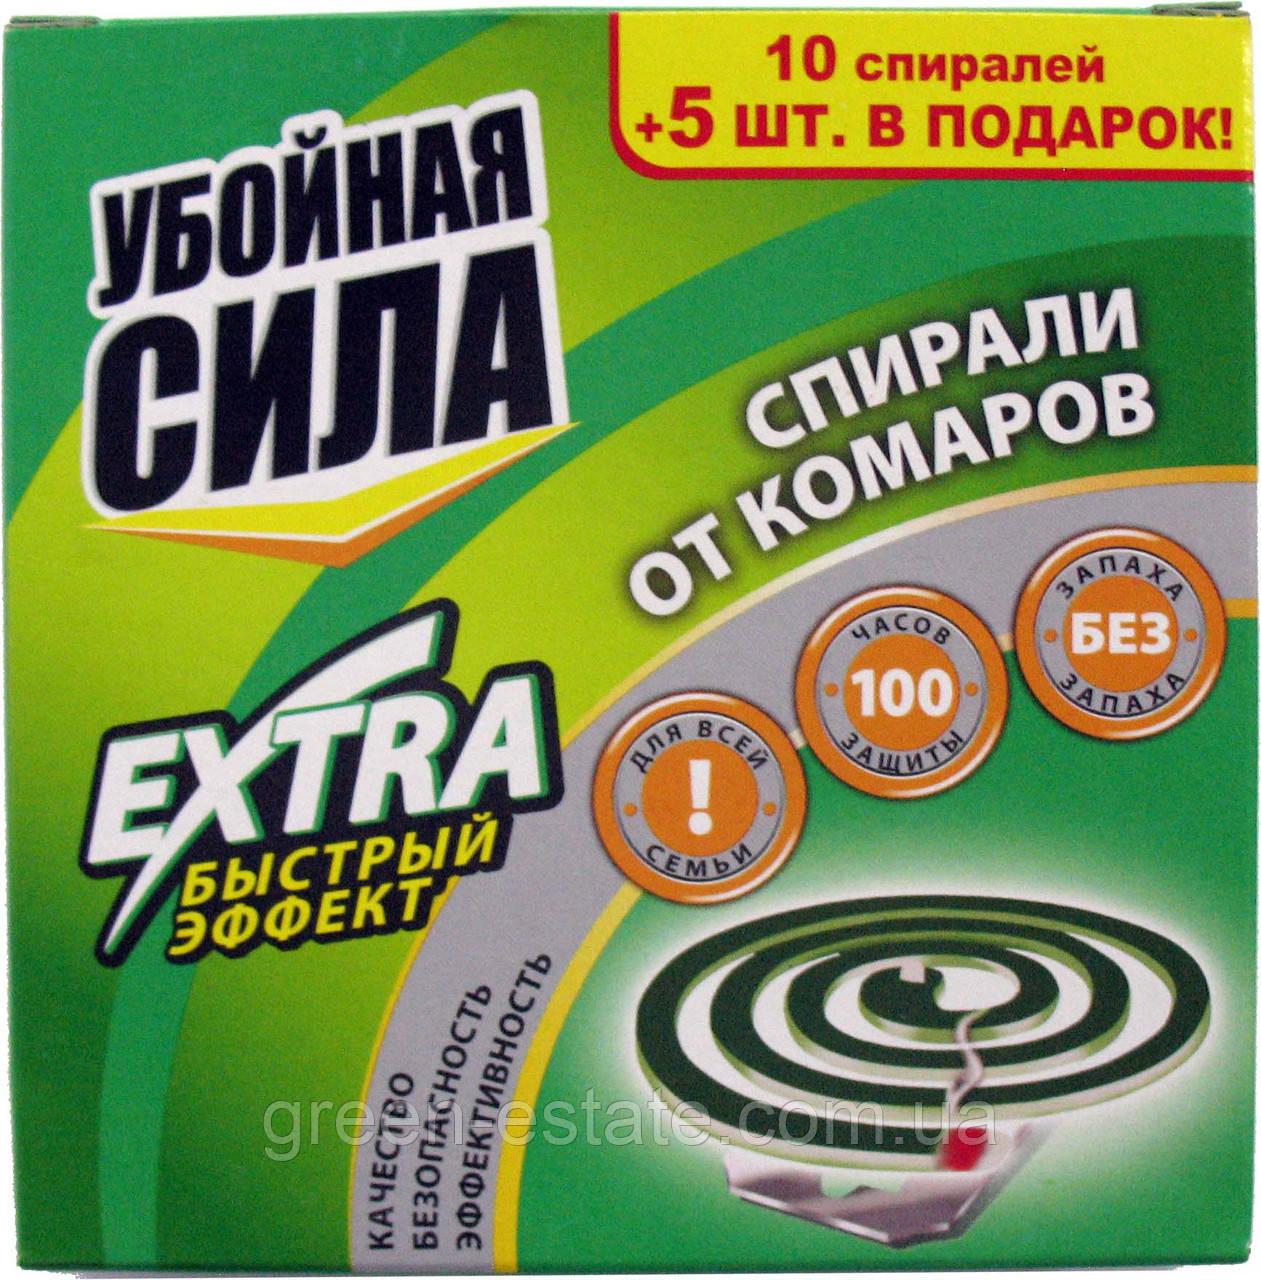 """Спирали от комаров """"Убойная сила Extra"""", 10+5 шт"""